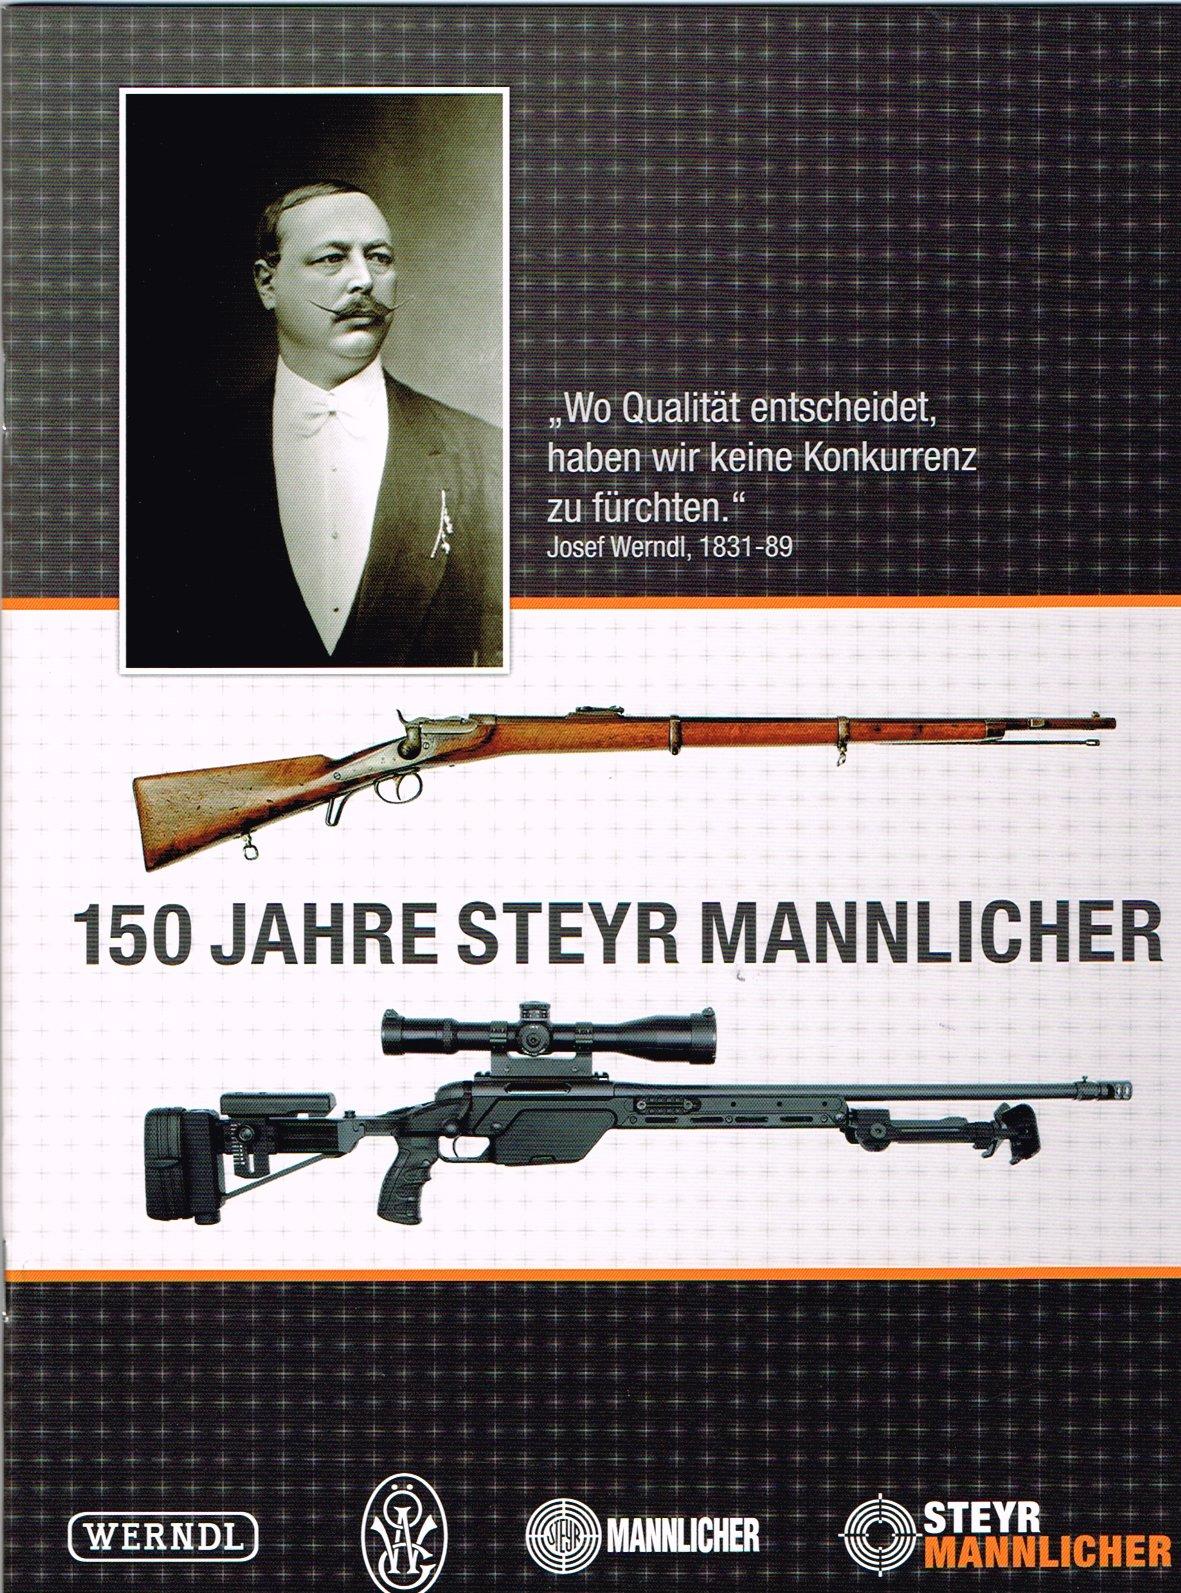 The history of Steyr Mannlicher - Stöhr Buchshop